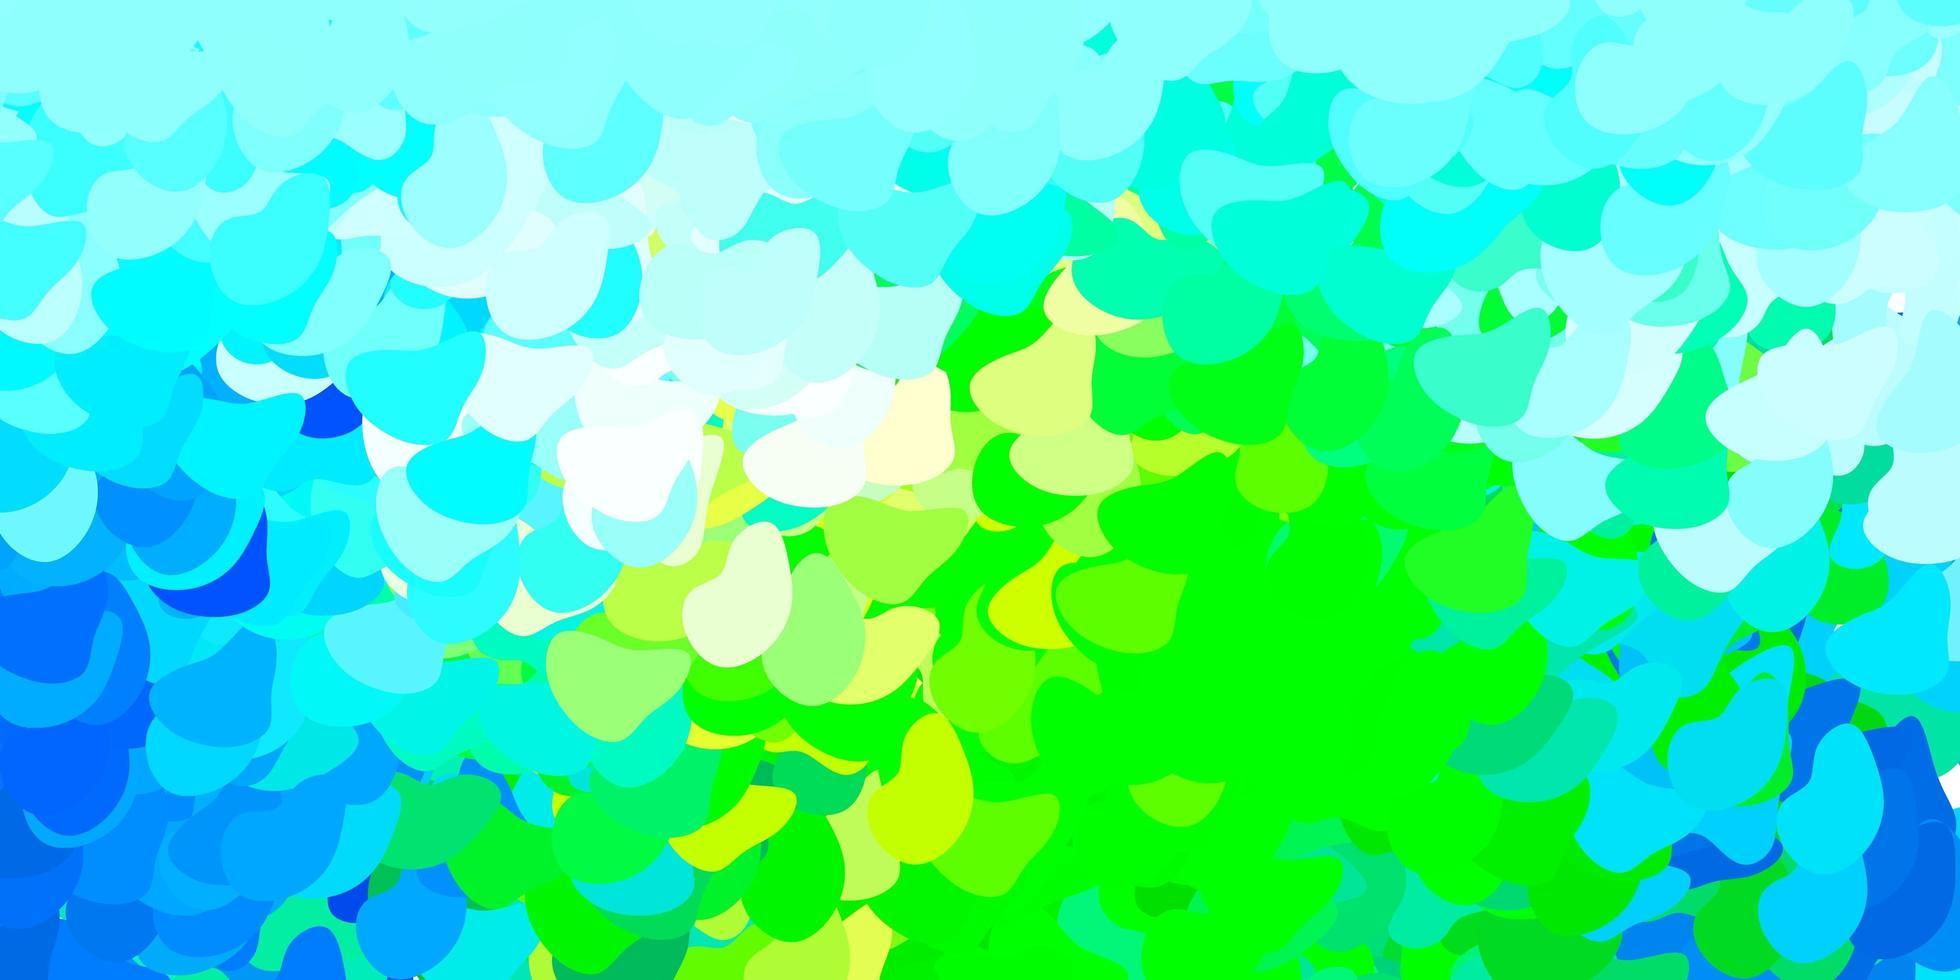 modèle bleu clair, vert avec des formes abstraites. vecteur